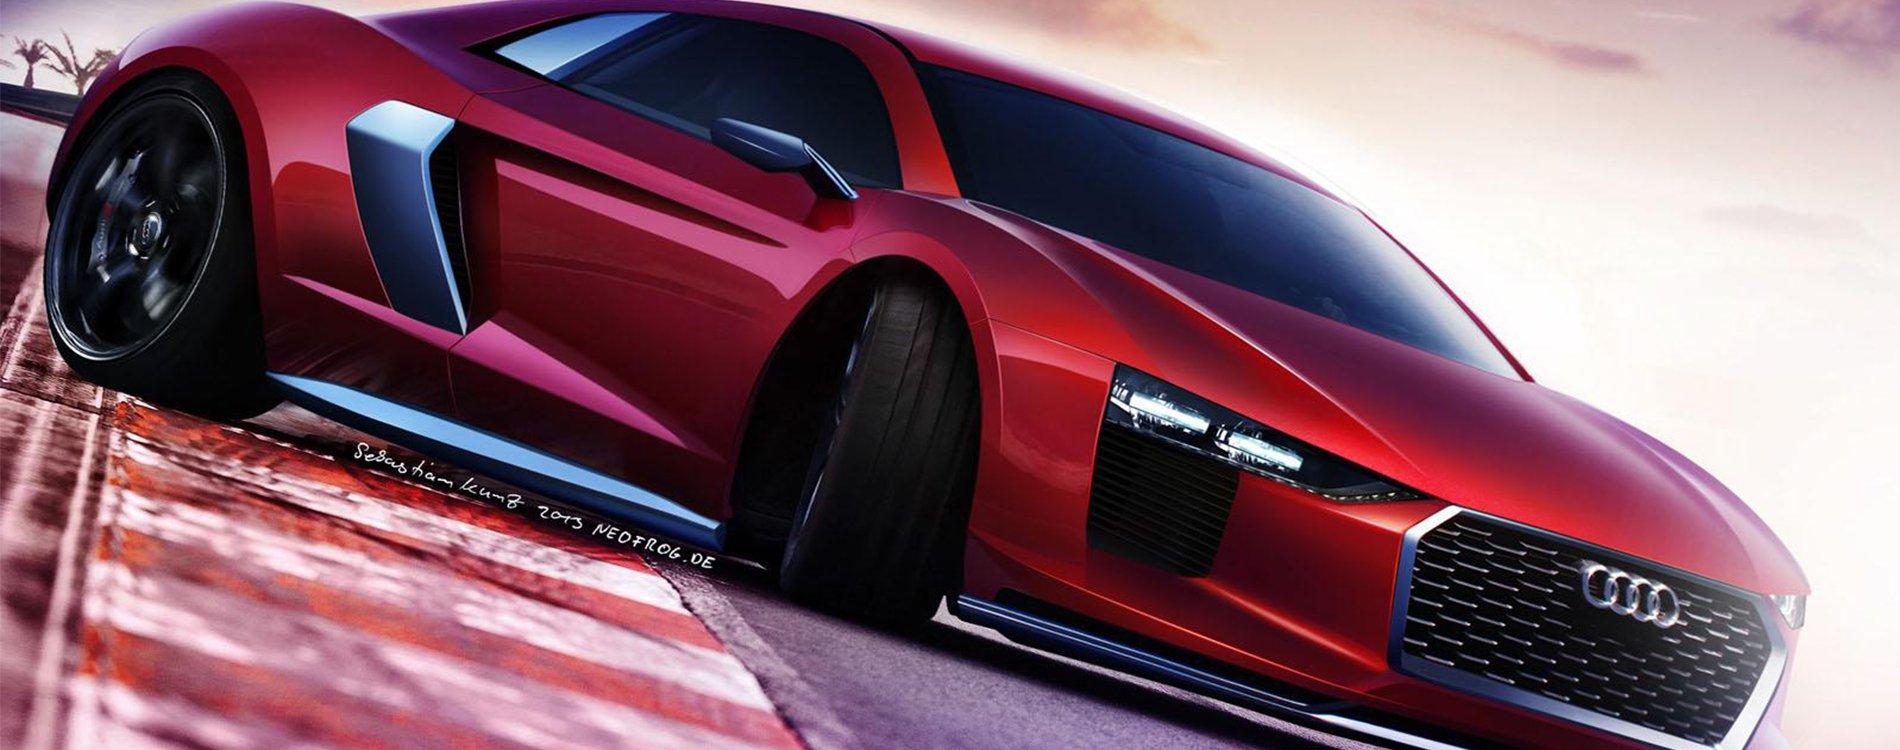 Nuevo R8 e-tron, el lanzamiento más esperado de Audi